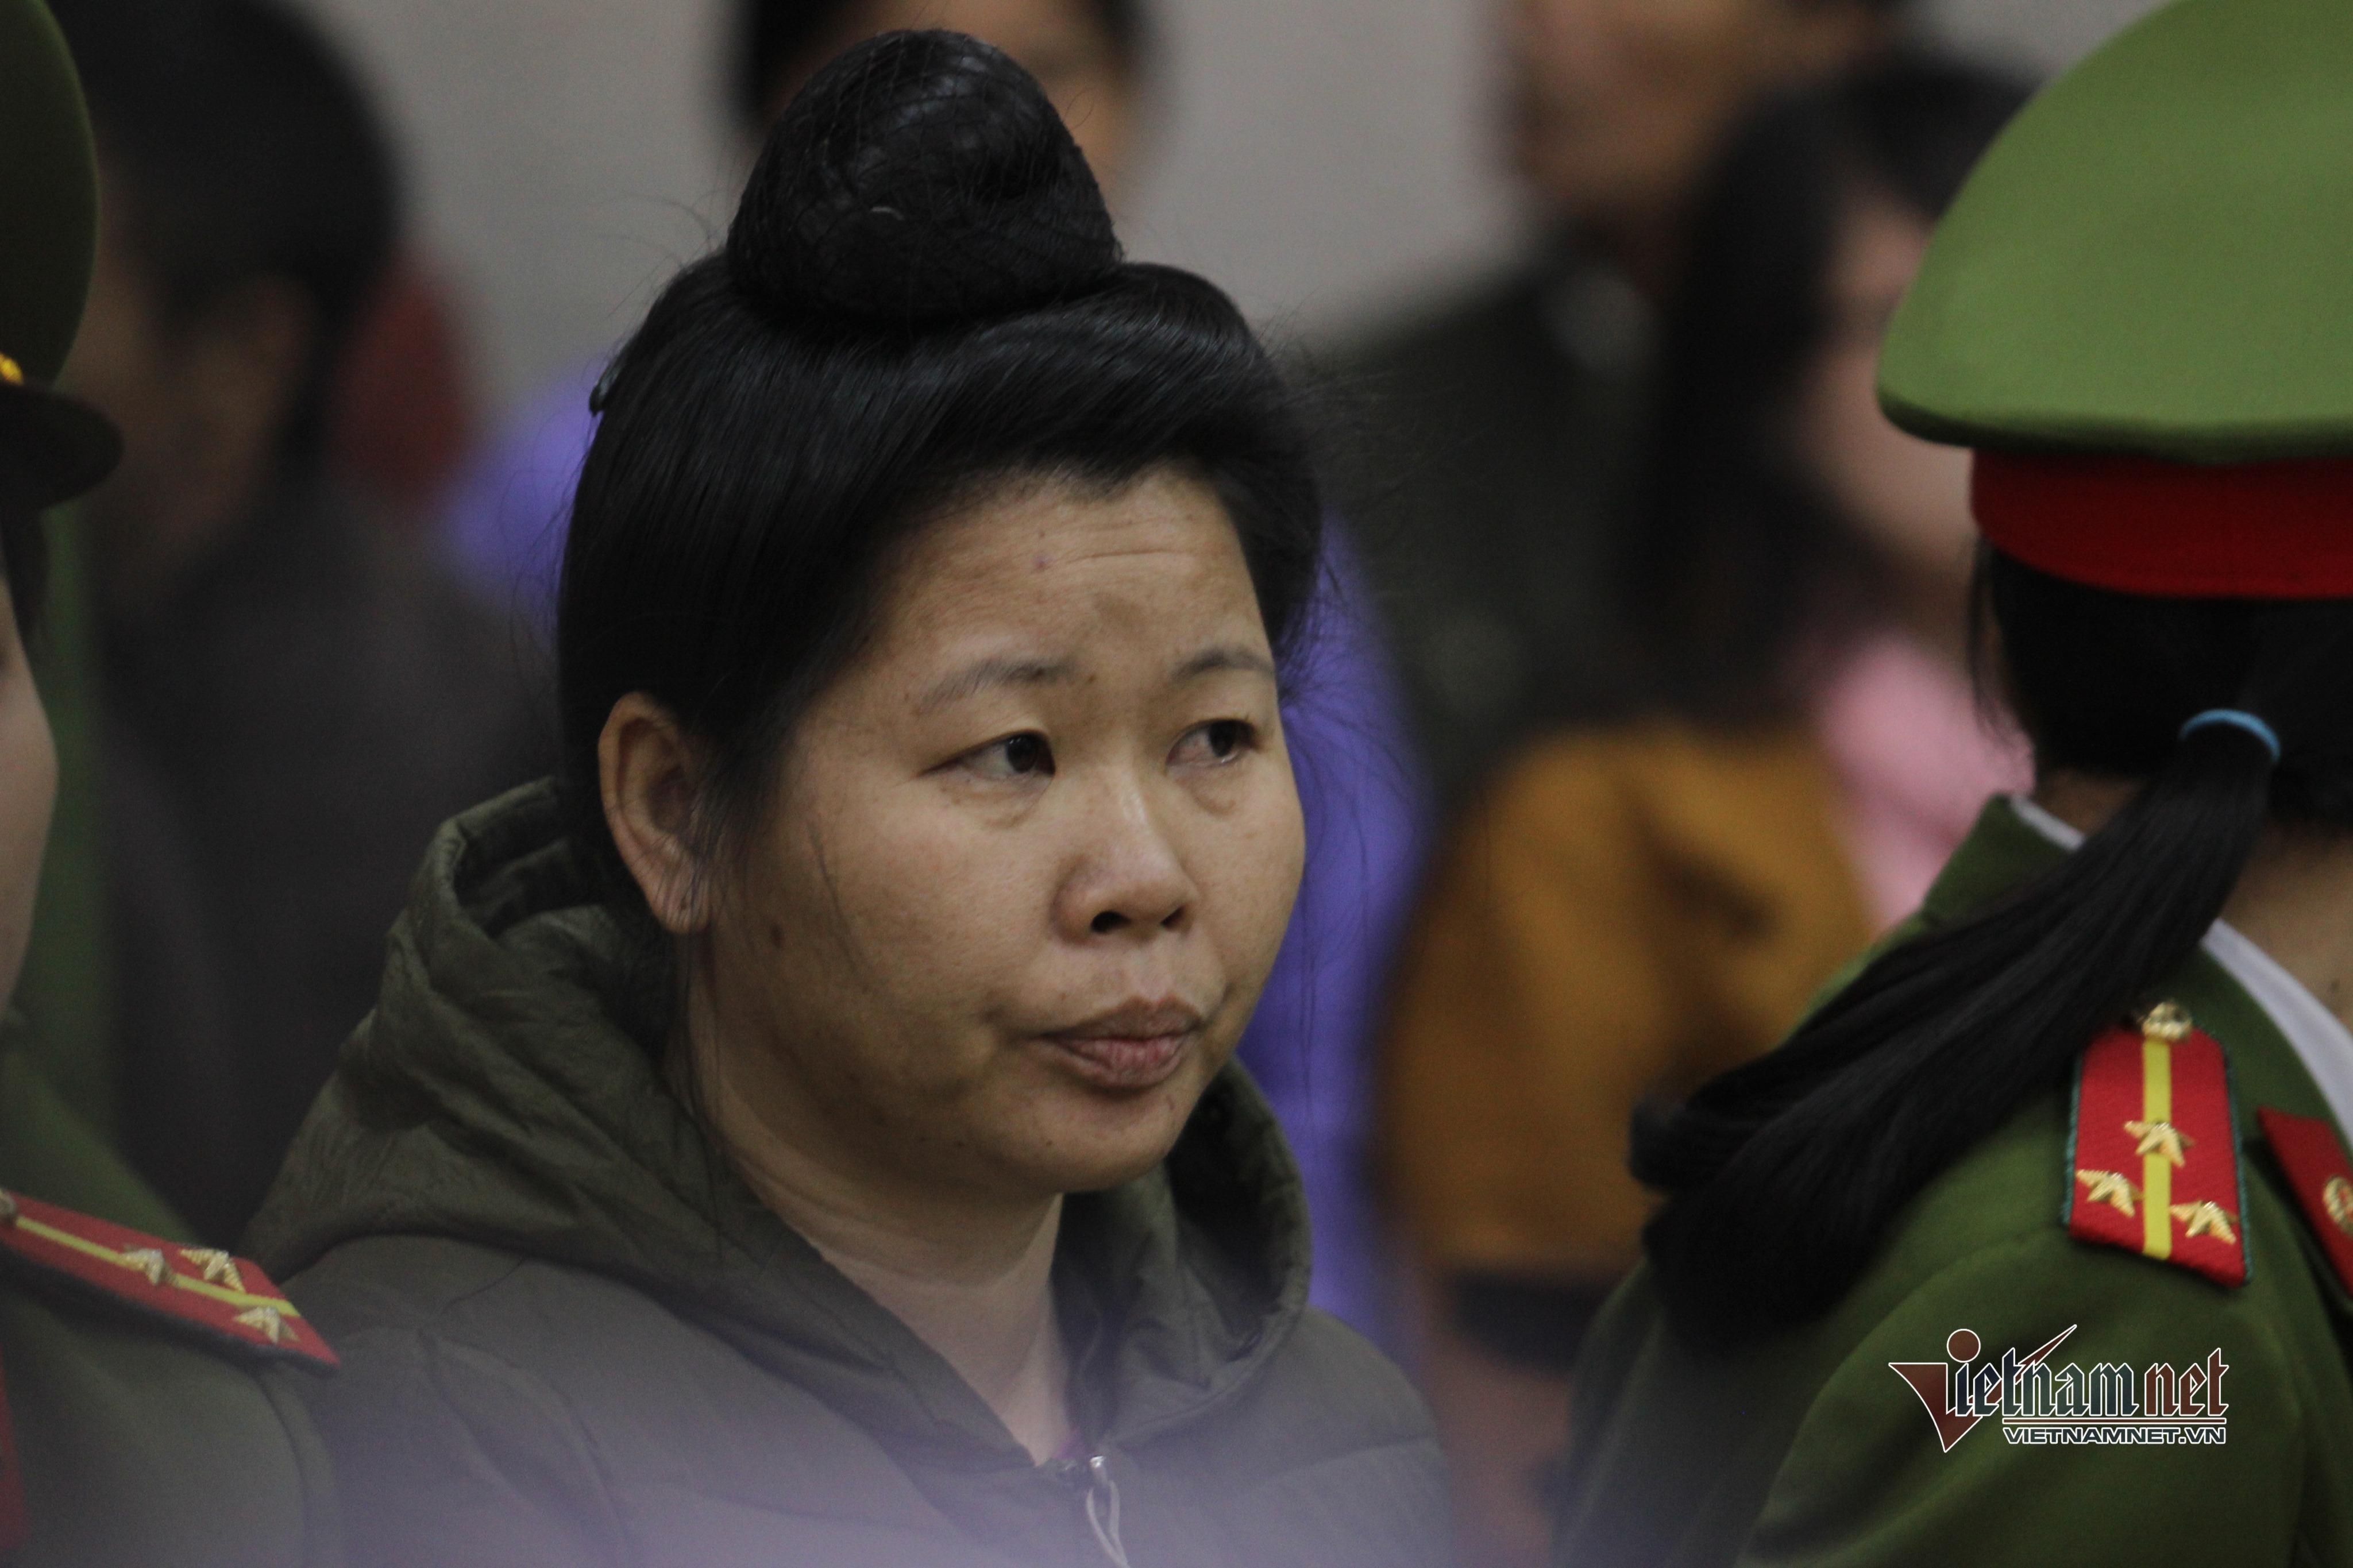 Nóng: Lần đầu tiên bố và chị gái nữ sinh giao gà bị sát hại ở Điện Biên xuất hiện-7